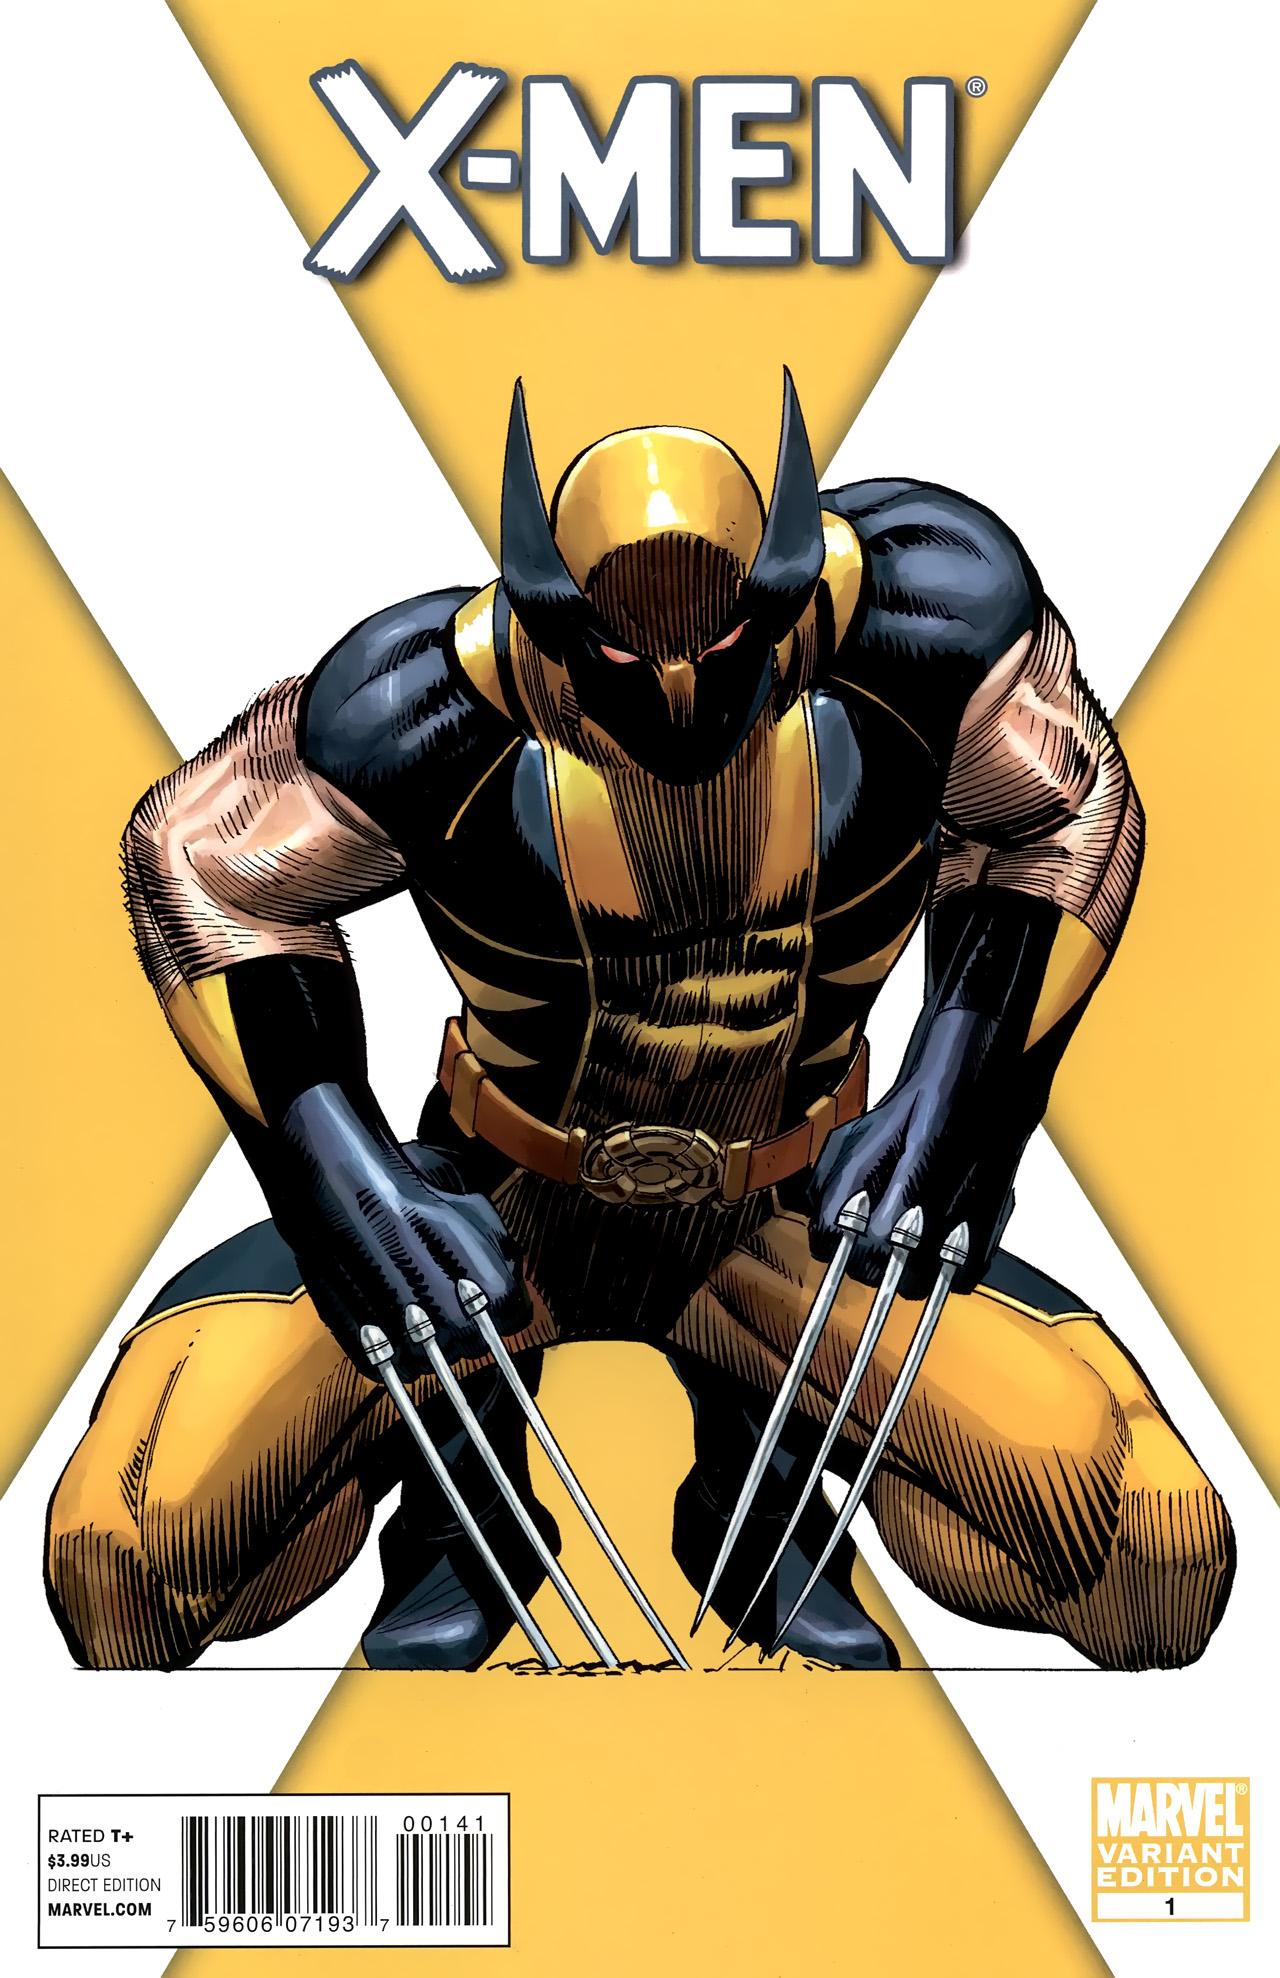 X-Men Vol 3 1 John Romita Jr. Variant.jpg